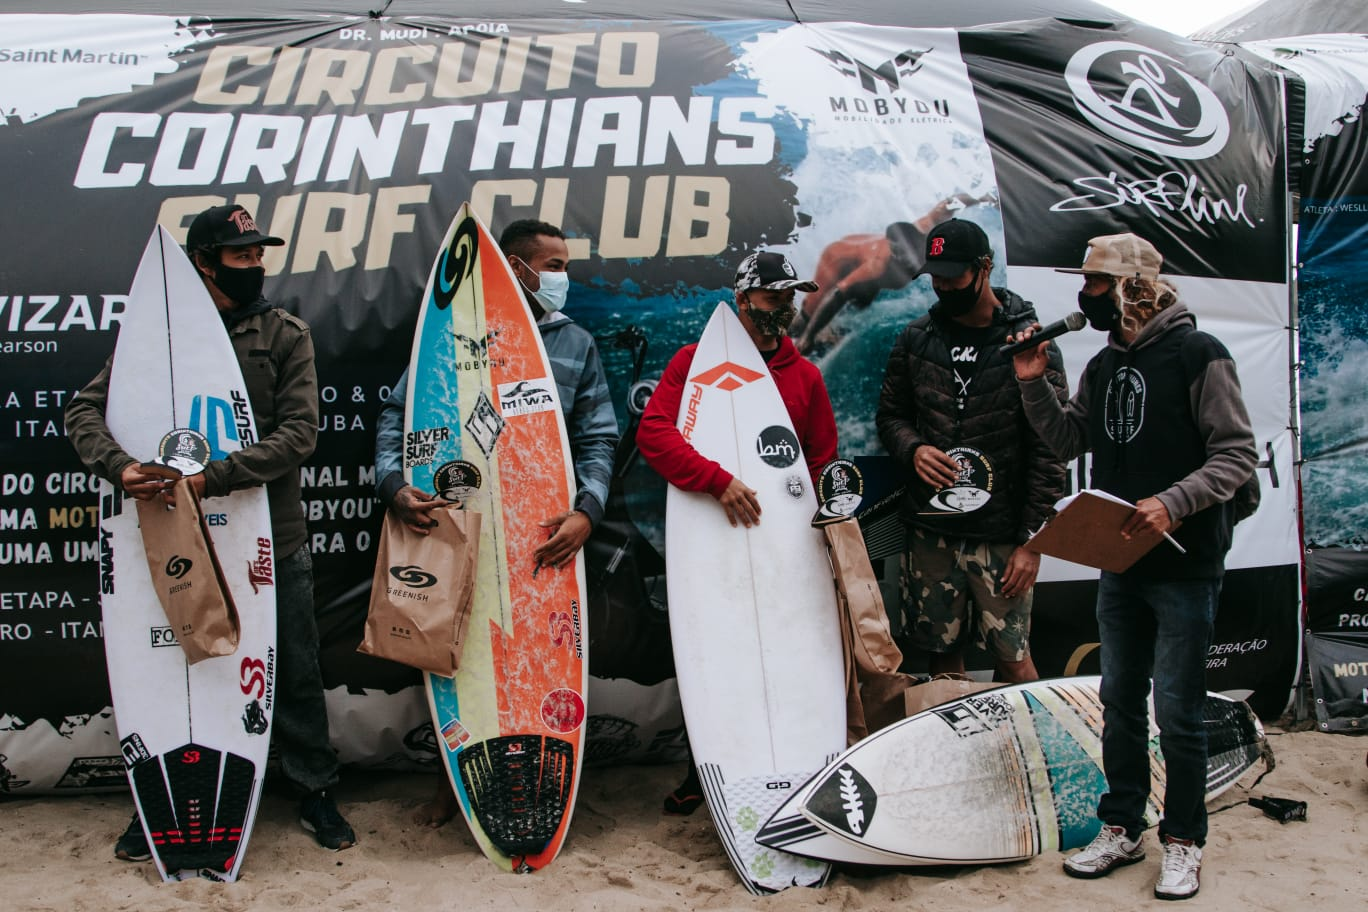 Competição contou com participação de atletas renomados.